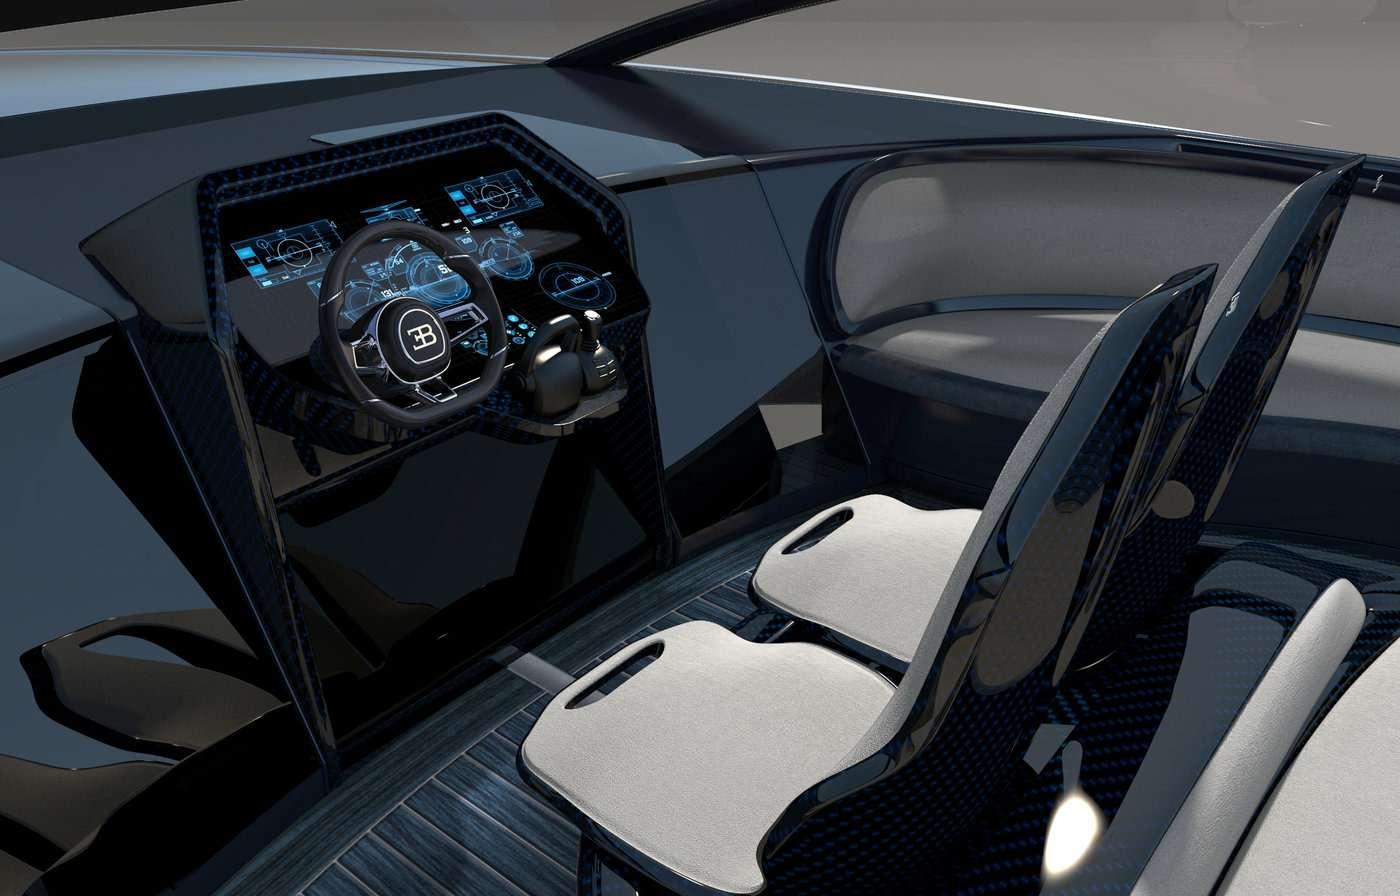 Наволне Широна: подмаркой Bugatti теперь можно купить яхту— фото 720159